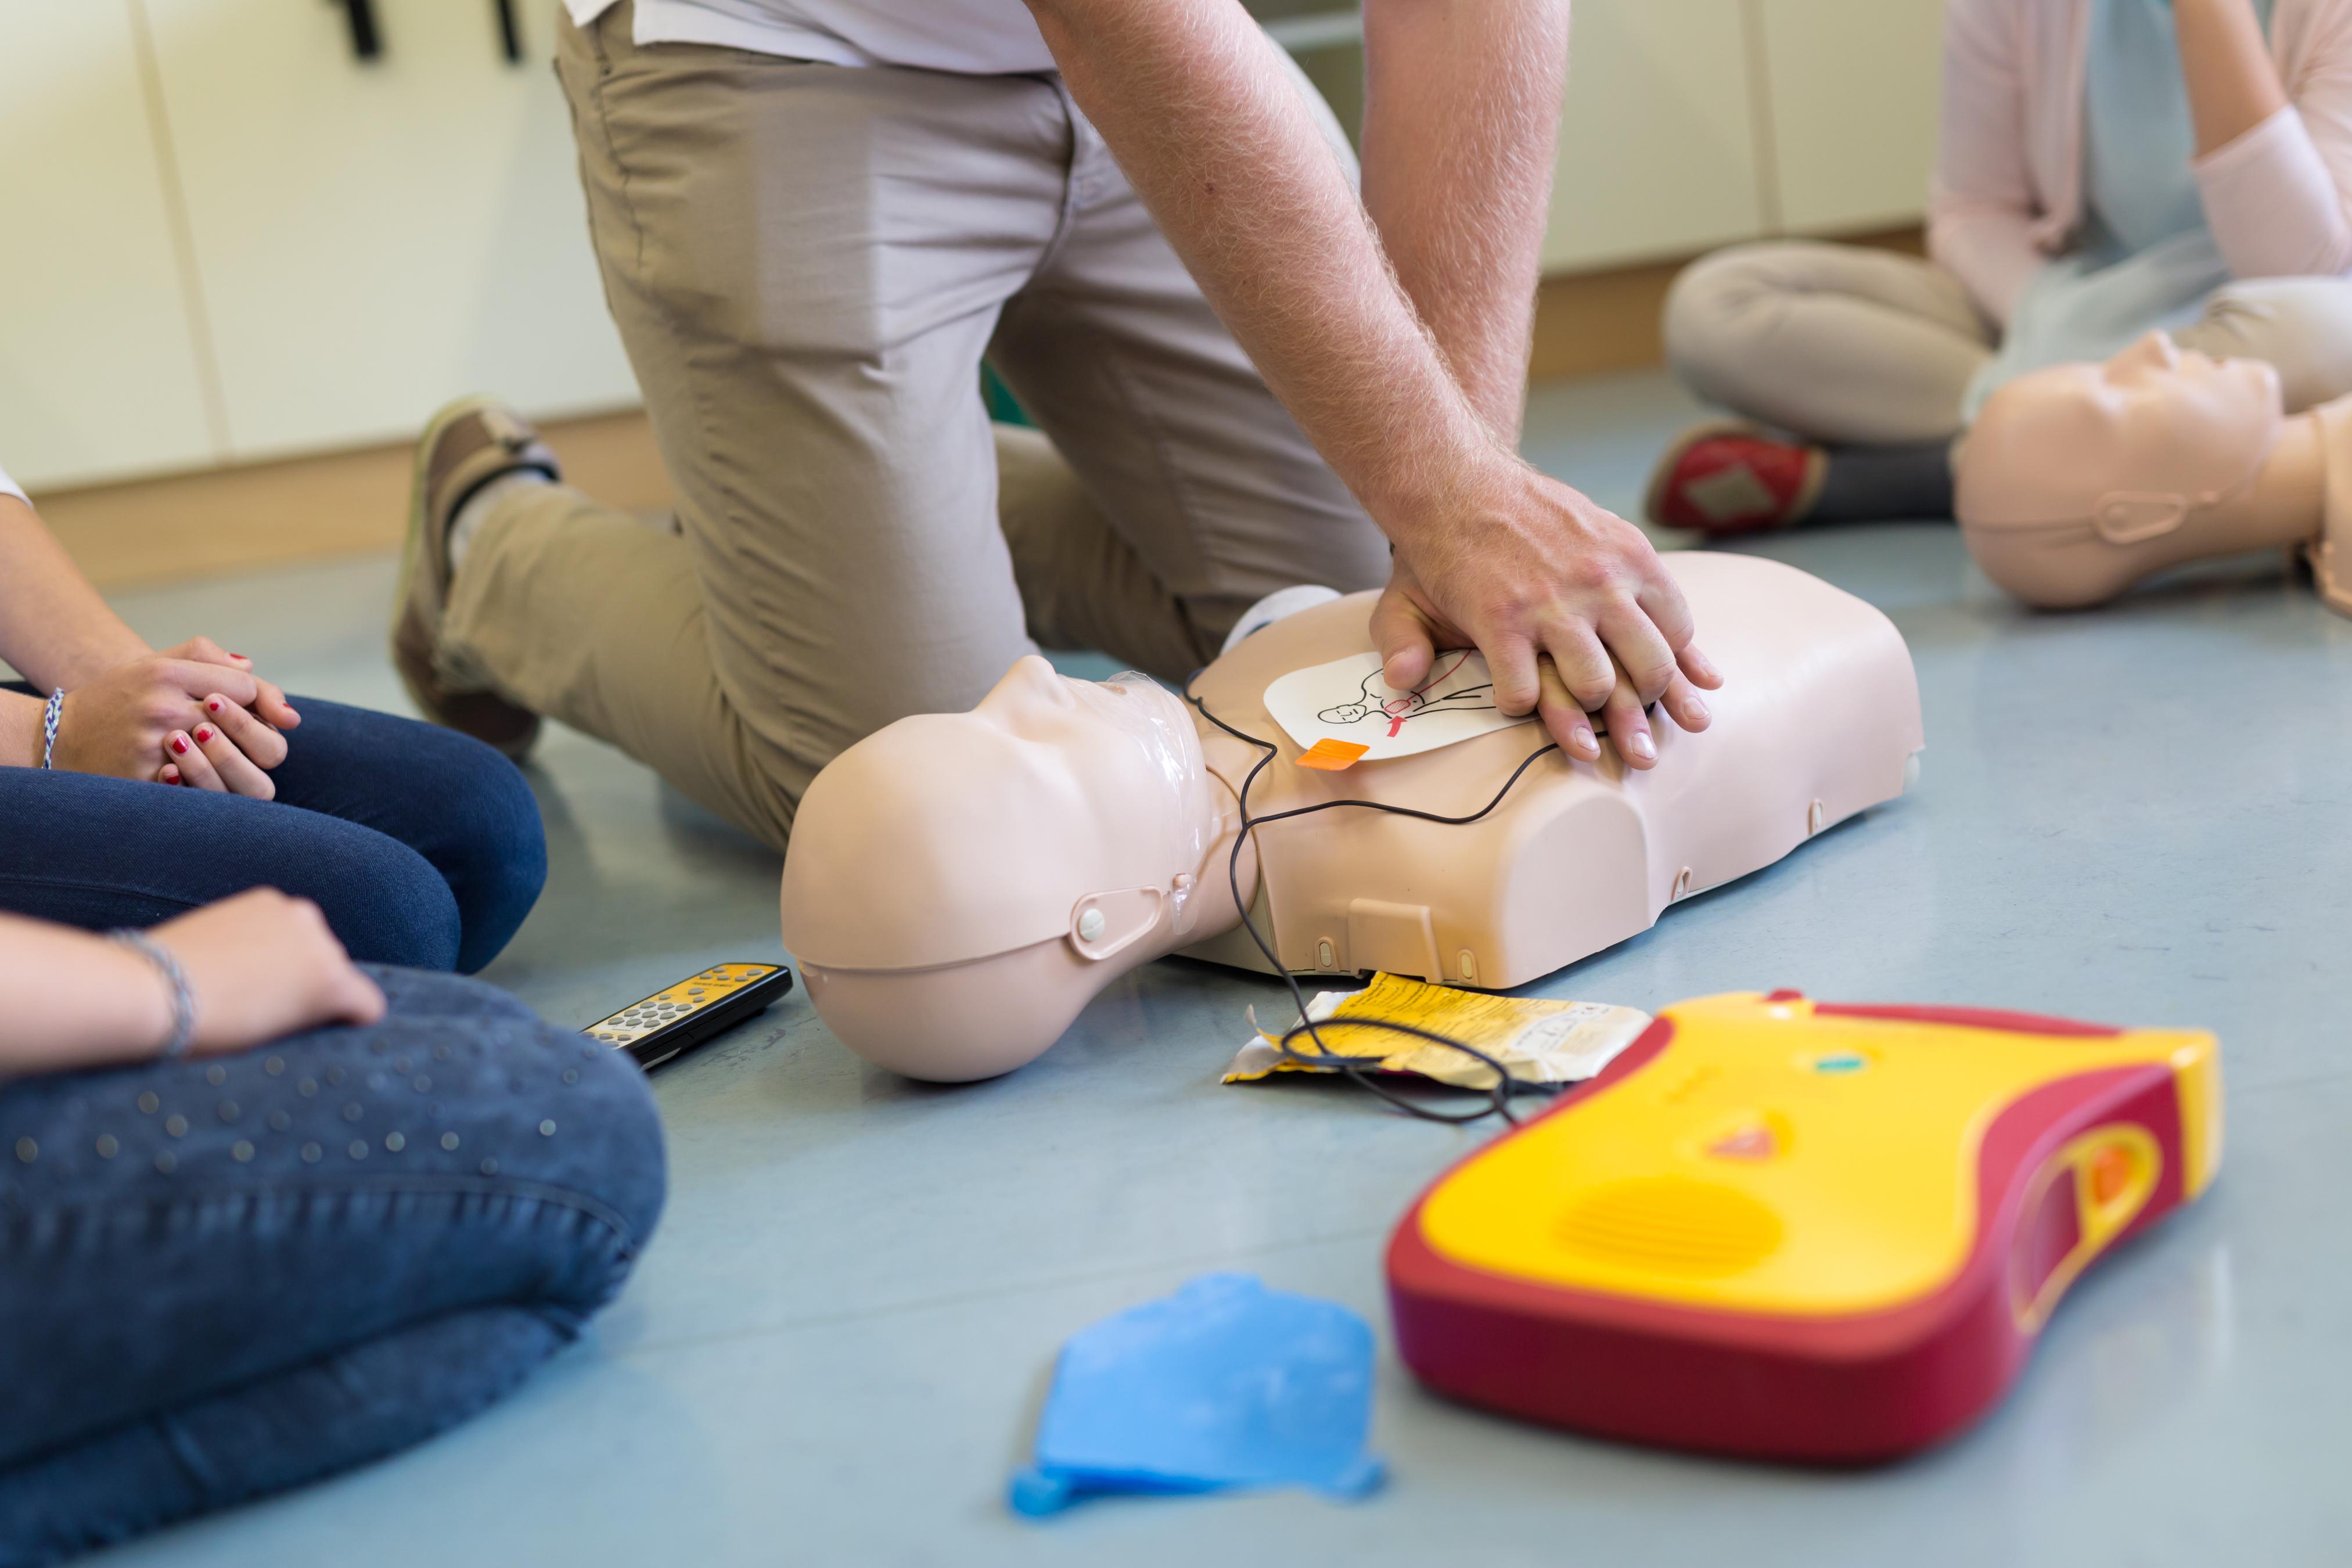 Quelles sont vos obligations en matière de formation aux premiers secours ?